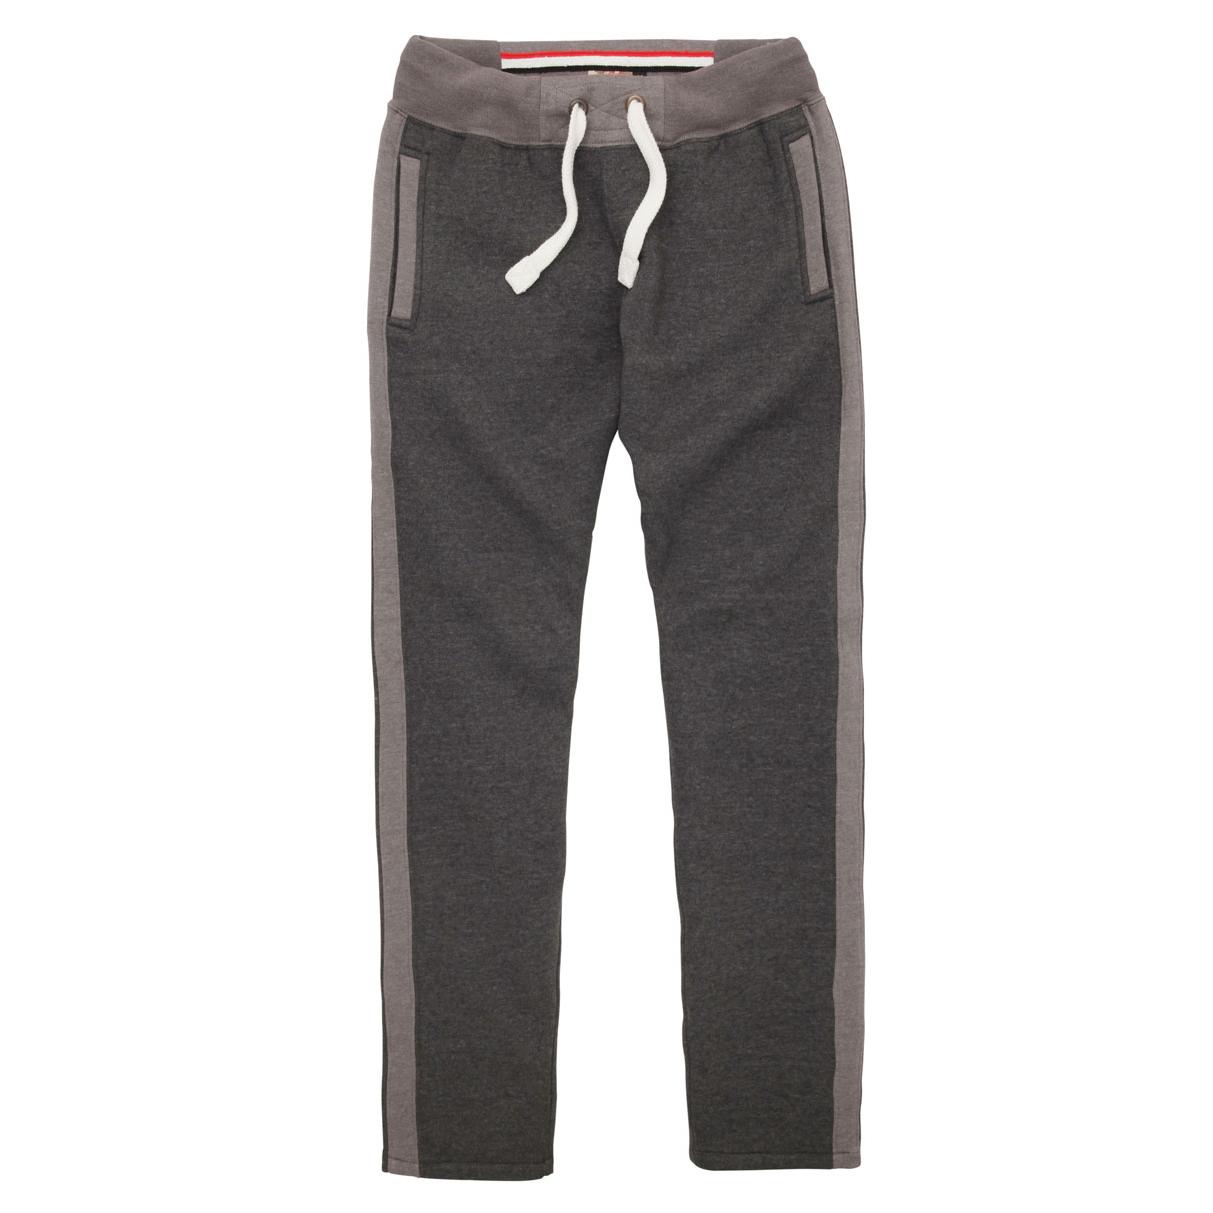 Black Melange/Sport Grey